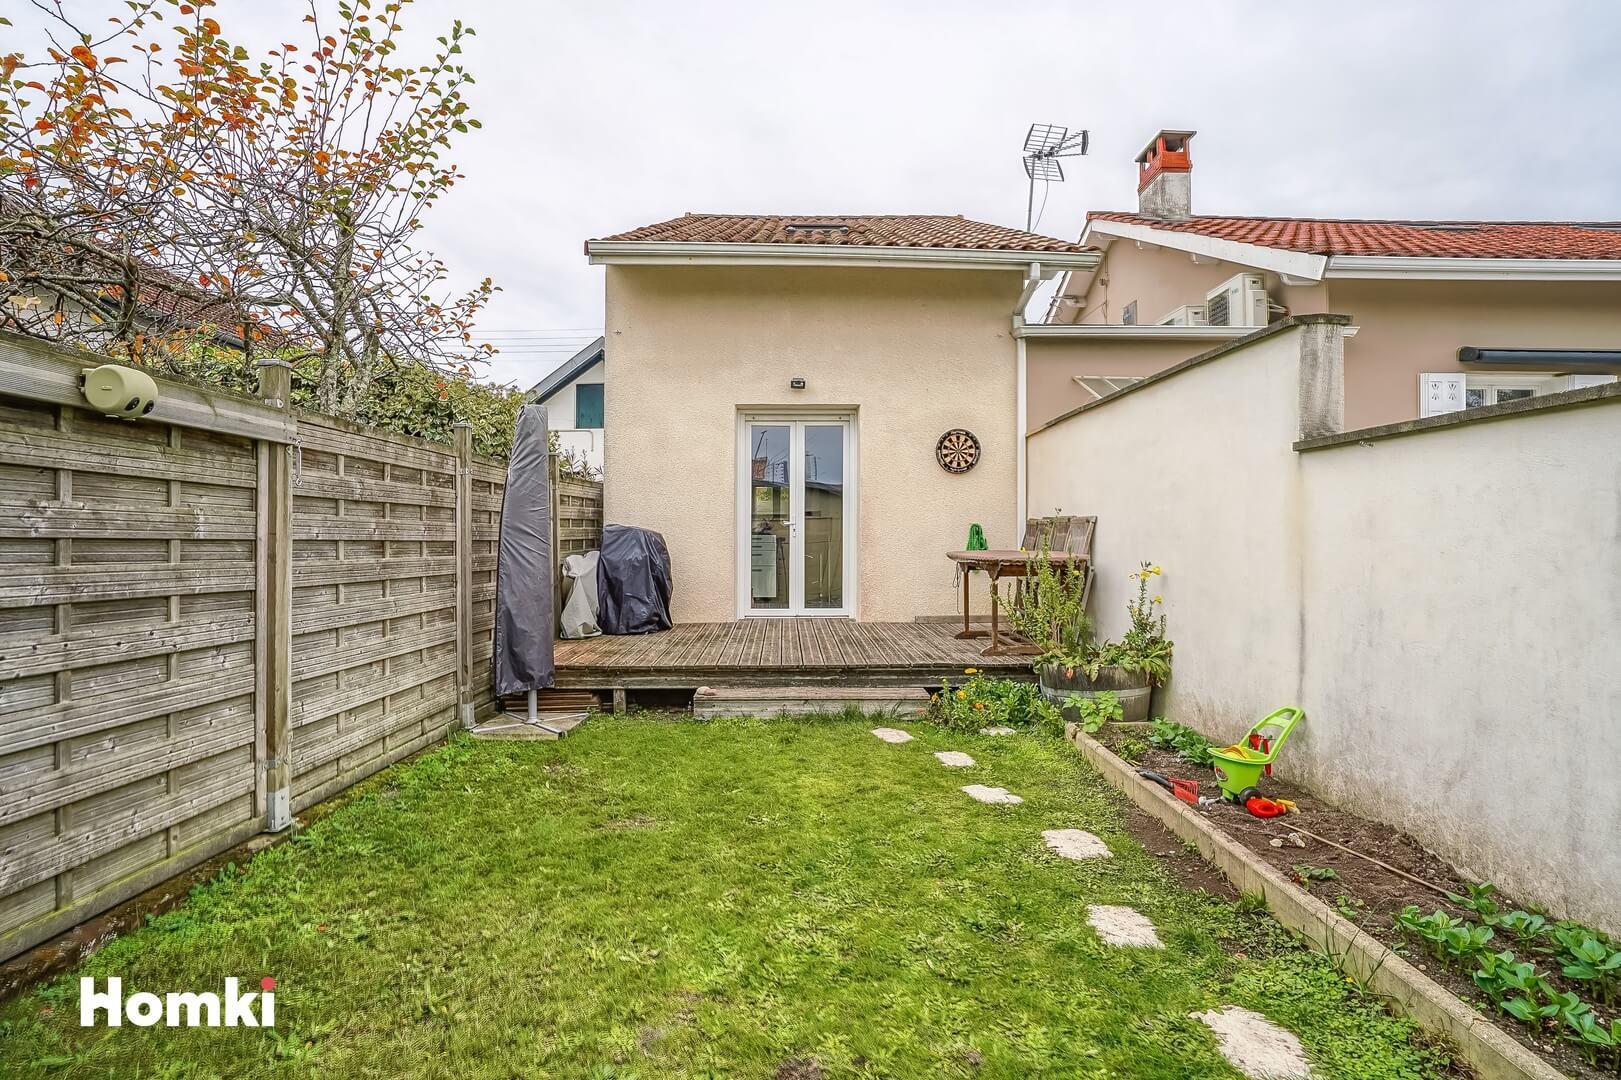 Homki - Vente Maison de ville  de 67.0 m² à Talence 33400